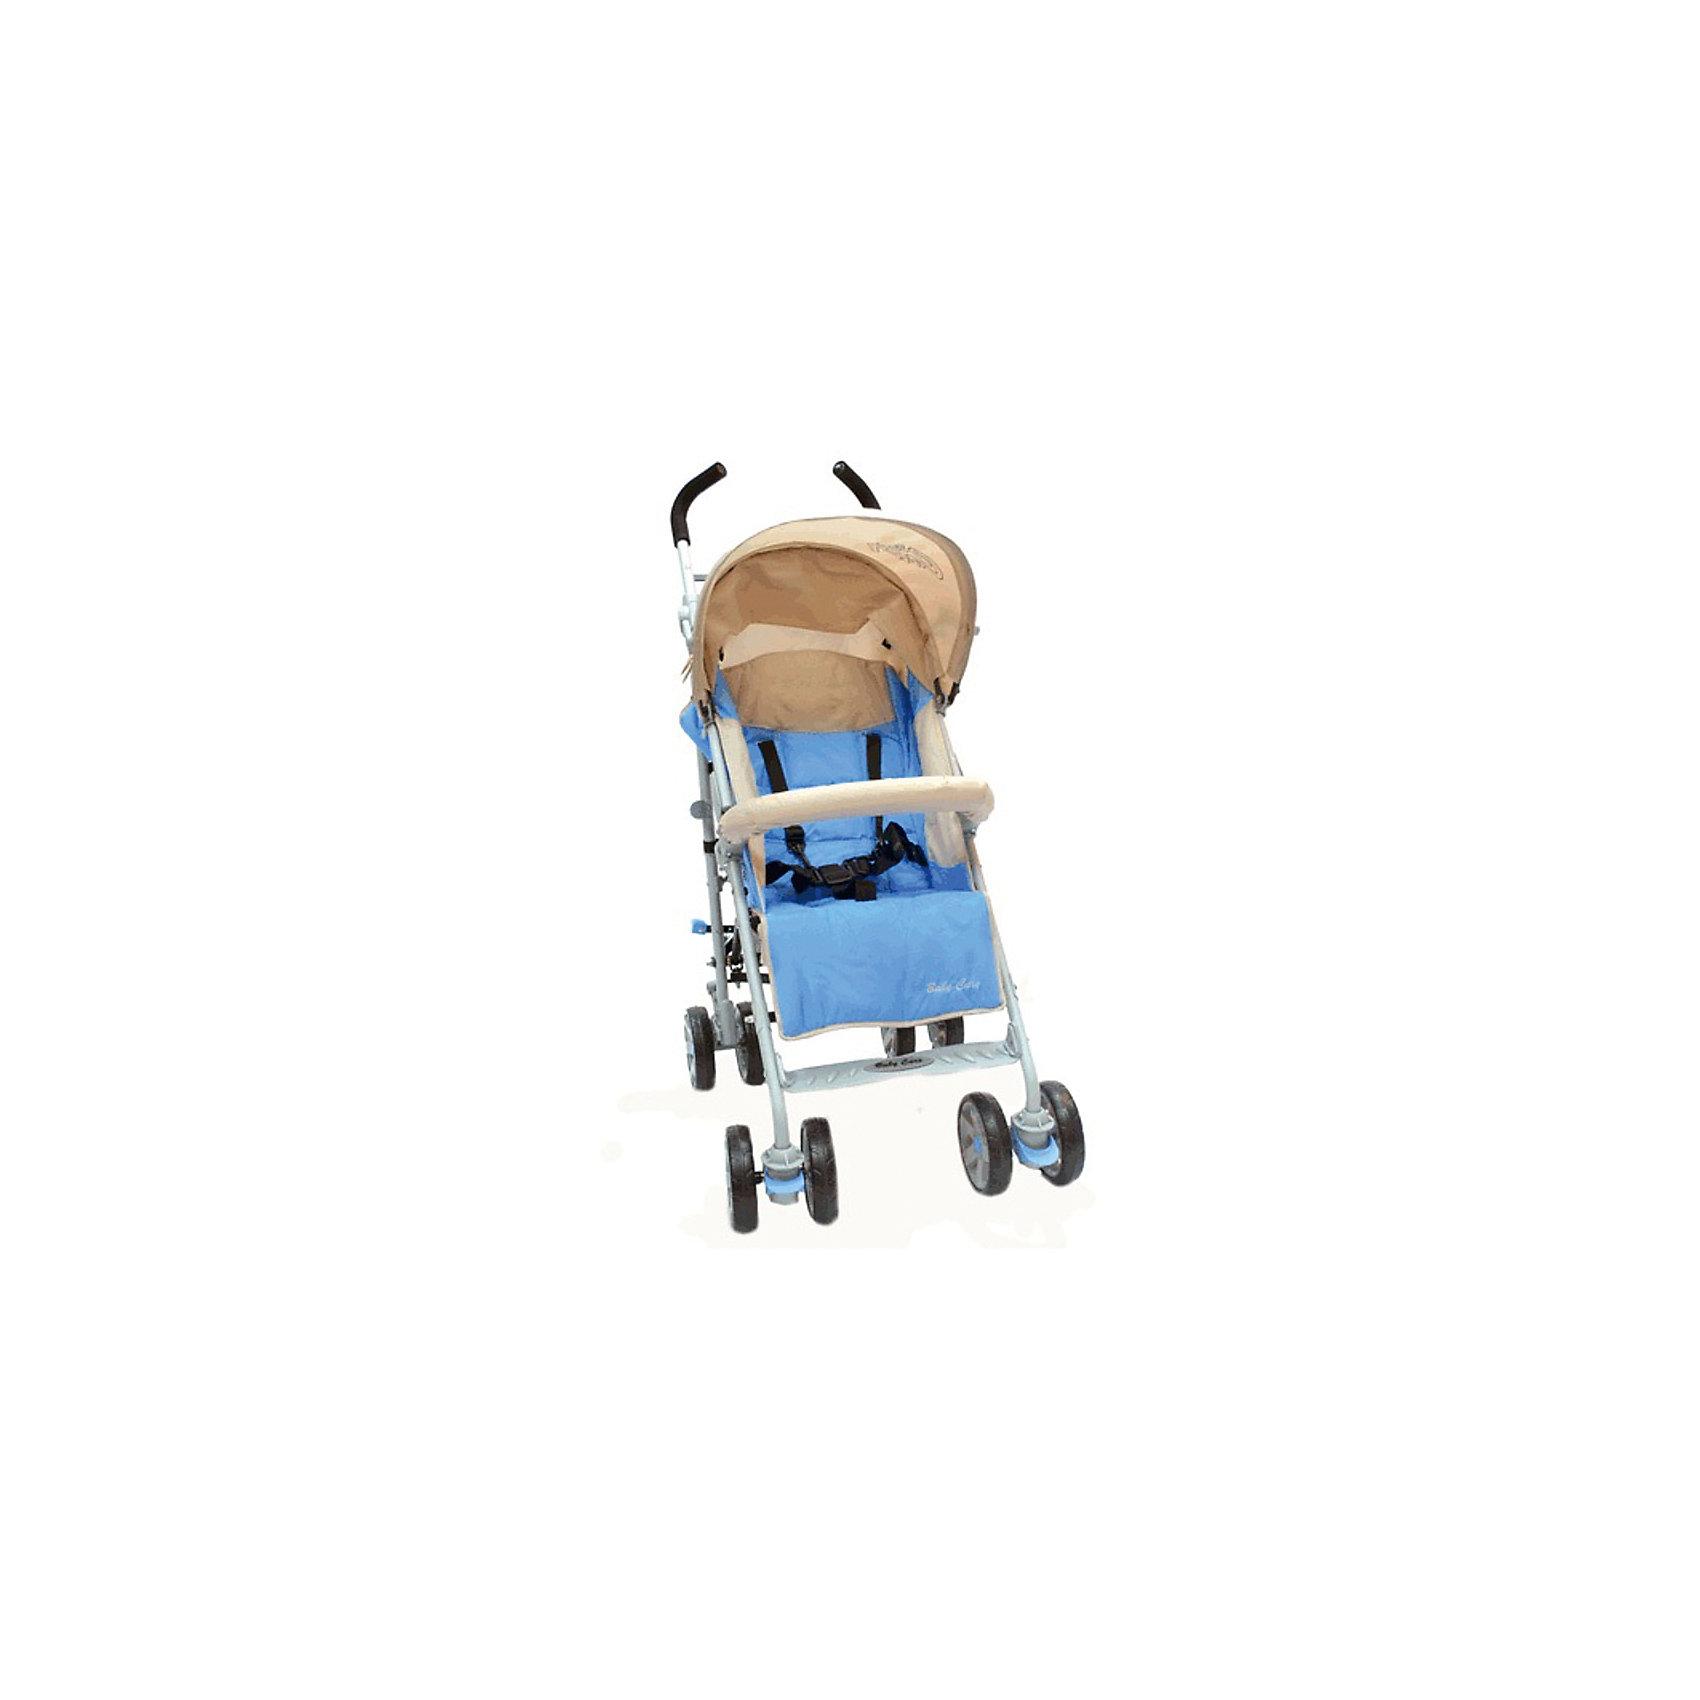 Коляска-трость Baby Care Polo 107, светло-голубойПрогулочные коляски<br>Характеристики коляски-трости:<br><br>• спинка раскладывается почти до горизонтального положения, угол наклона 170 градусов;<br>• регулируемая подножка;<br>• 5-ти точечные ремни безопасности;<br>• съемный бампер с мягкой накладкой;<br>• капюшон опускается до бампера;<br>• чехол на ножки защищает ребенка в холодное время года;<br>• дождевик защищает от осадков;<br>• сдвоенные колеса из плотной резины;<br>• передние плавающие колеса с возможностью фиксации;<br>• стояночный тормоз на задней оси;<br>• механизм складывания: трость;<br>• материал рамы: алюминий. <br><br>Размер коляски: 51х80х107 см<br>Диаметр колес:15 см<br>Ширина колесной базы:51 см <br>Вес коляски: 8,5 кг <br>Длина спального места: 80 см<br>Ширина сиденья: 33 см<br>Высота спинки: 52 см <br>Высота до ручки: 107 см<br><br>Коляска Baby Care Polo подходит для городских прогулок и для выездов на природу. Хороший вариант «походной» коляски. В сложенном виде не занимает много места в транспорте. Коляска достаточно проходима, чтобы ездить и по асфальту, и по траве. Кроме этого, весь прочий функционал тростей доступен и в этой модели. Спинка раскладывается до лежачего положения, подножка регулируется по высоте, а капюшон может опускаться до бампера.<br><br>Коляску-трость Polo 107, Baby Care, цвет светло-голубой можно купить в нашем интернет-магазине.<br><br>Ширина мм: 1080<br>Глубина мм: 300<br>Высота мм: 200<br>Вес г: 9800<br>Возраст от месяцев: 6<br>Возраст до месяцев: 48<br>Пол: Унисекс<br>Возраст: Детский<br>SKU: 5513642